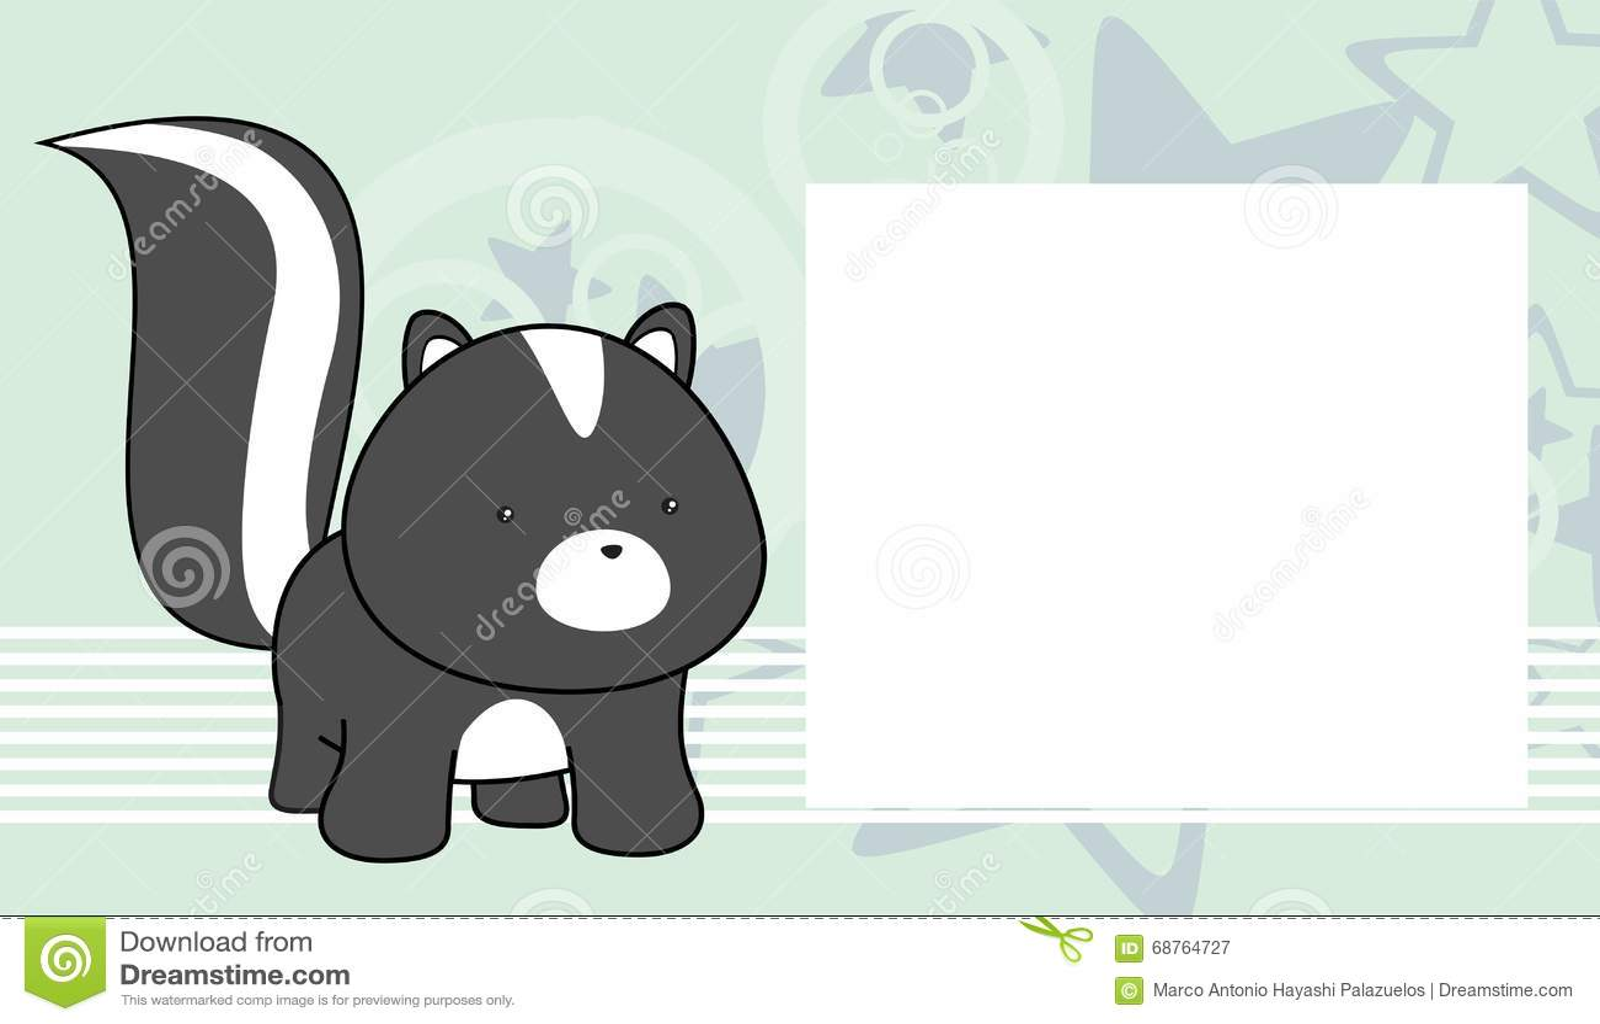 Sweet Baby Skunk Cartoon Frame Background Stock Vector ...